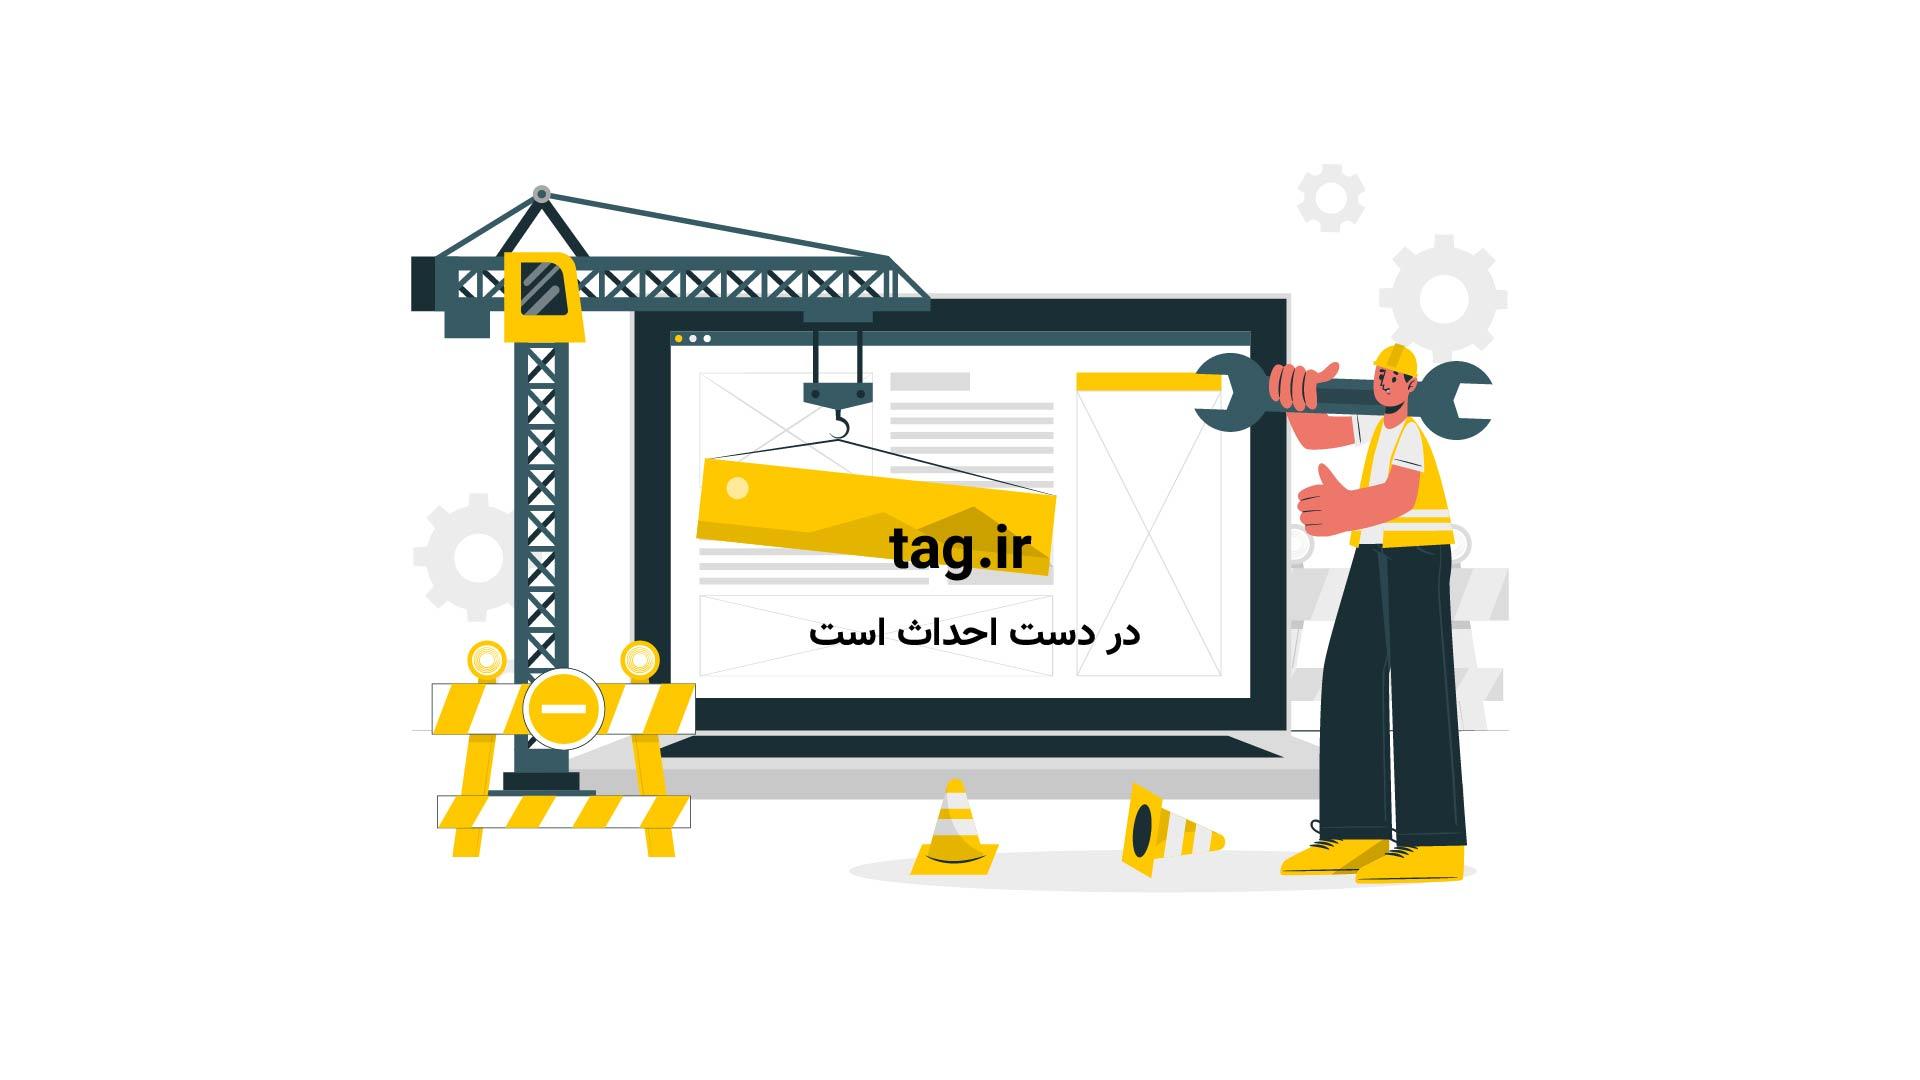 پای کره بادام زمینی و شکلات | تگ